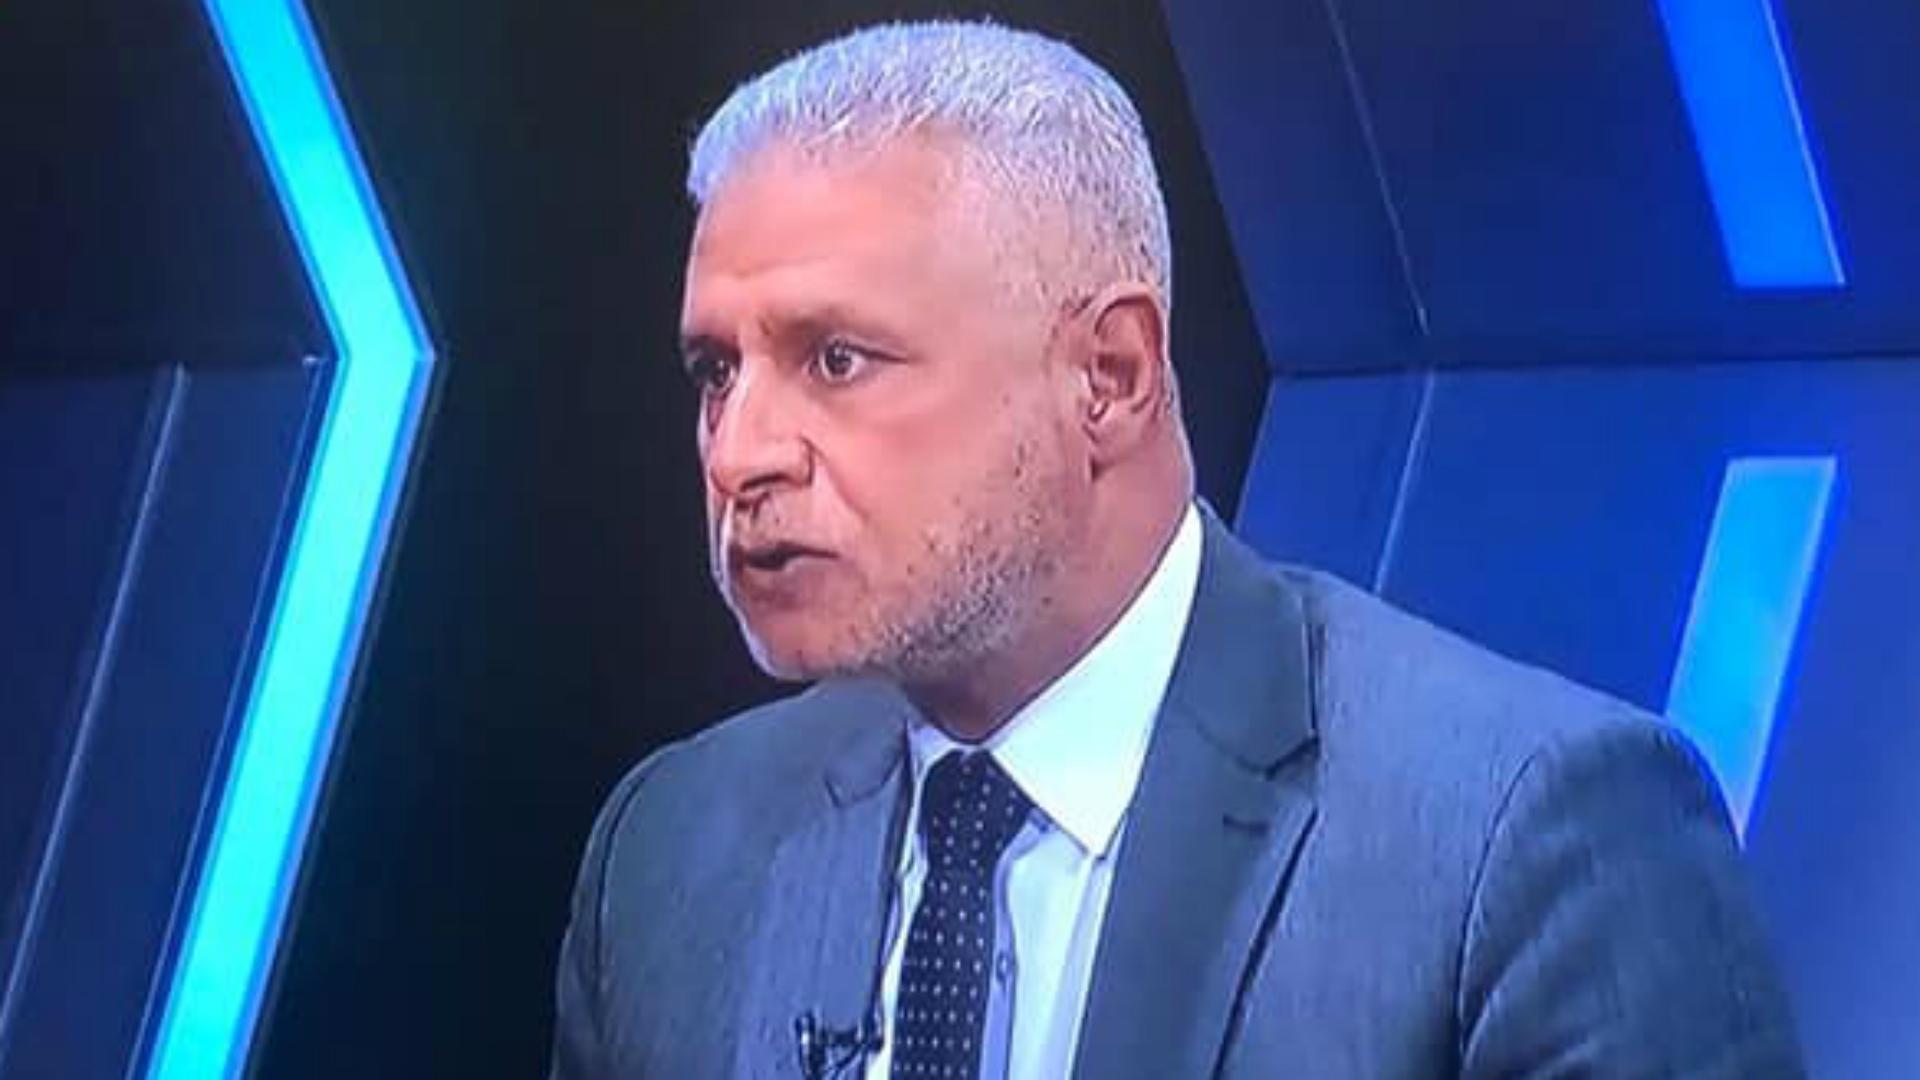 الحكم على نائب حالي بالسجن ٦ سنوات لإدانته بالرشوة